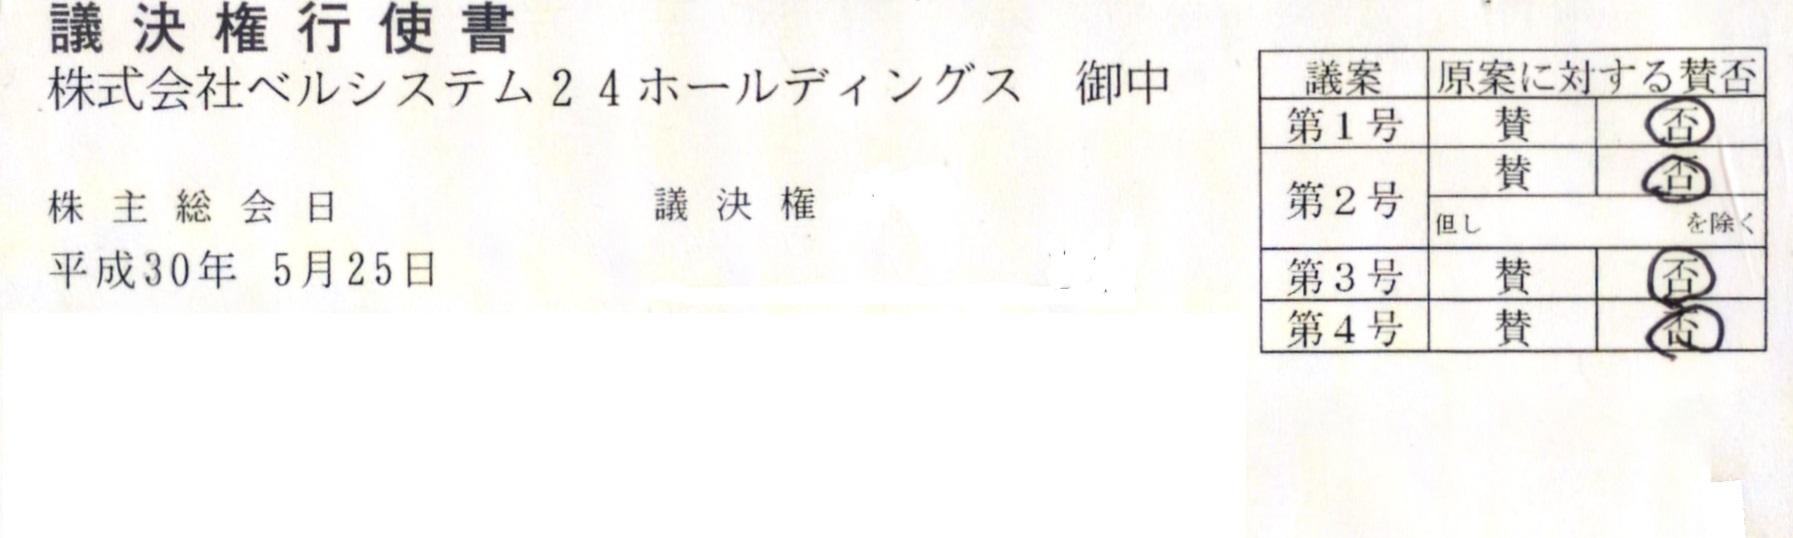 ベルシステム24株主総会議決権